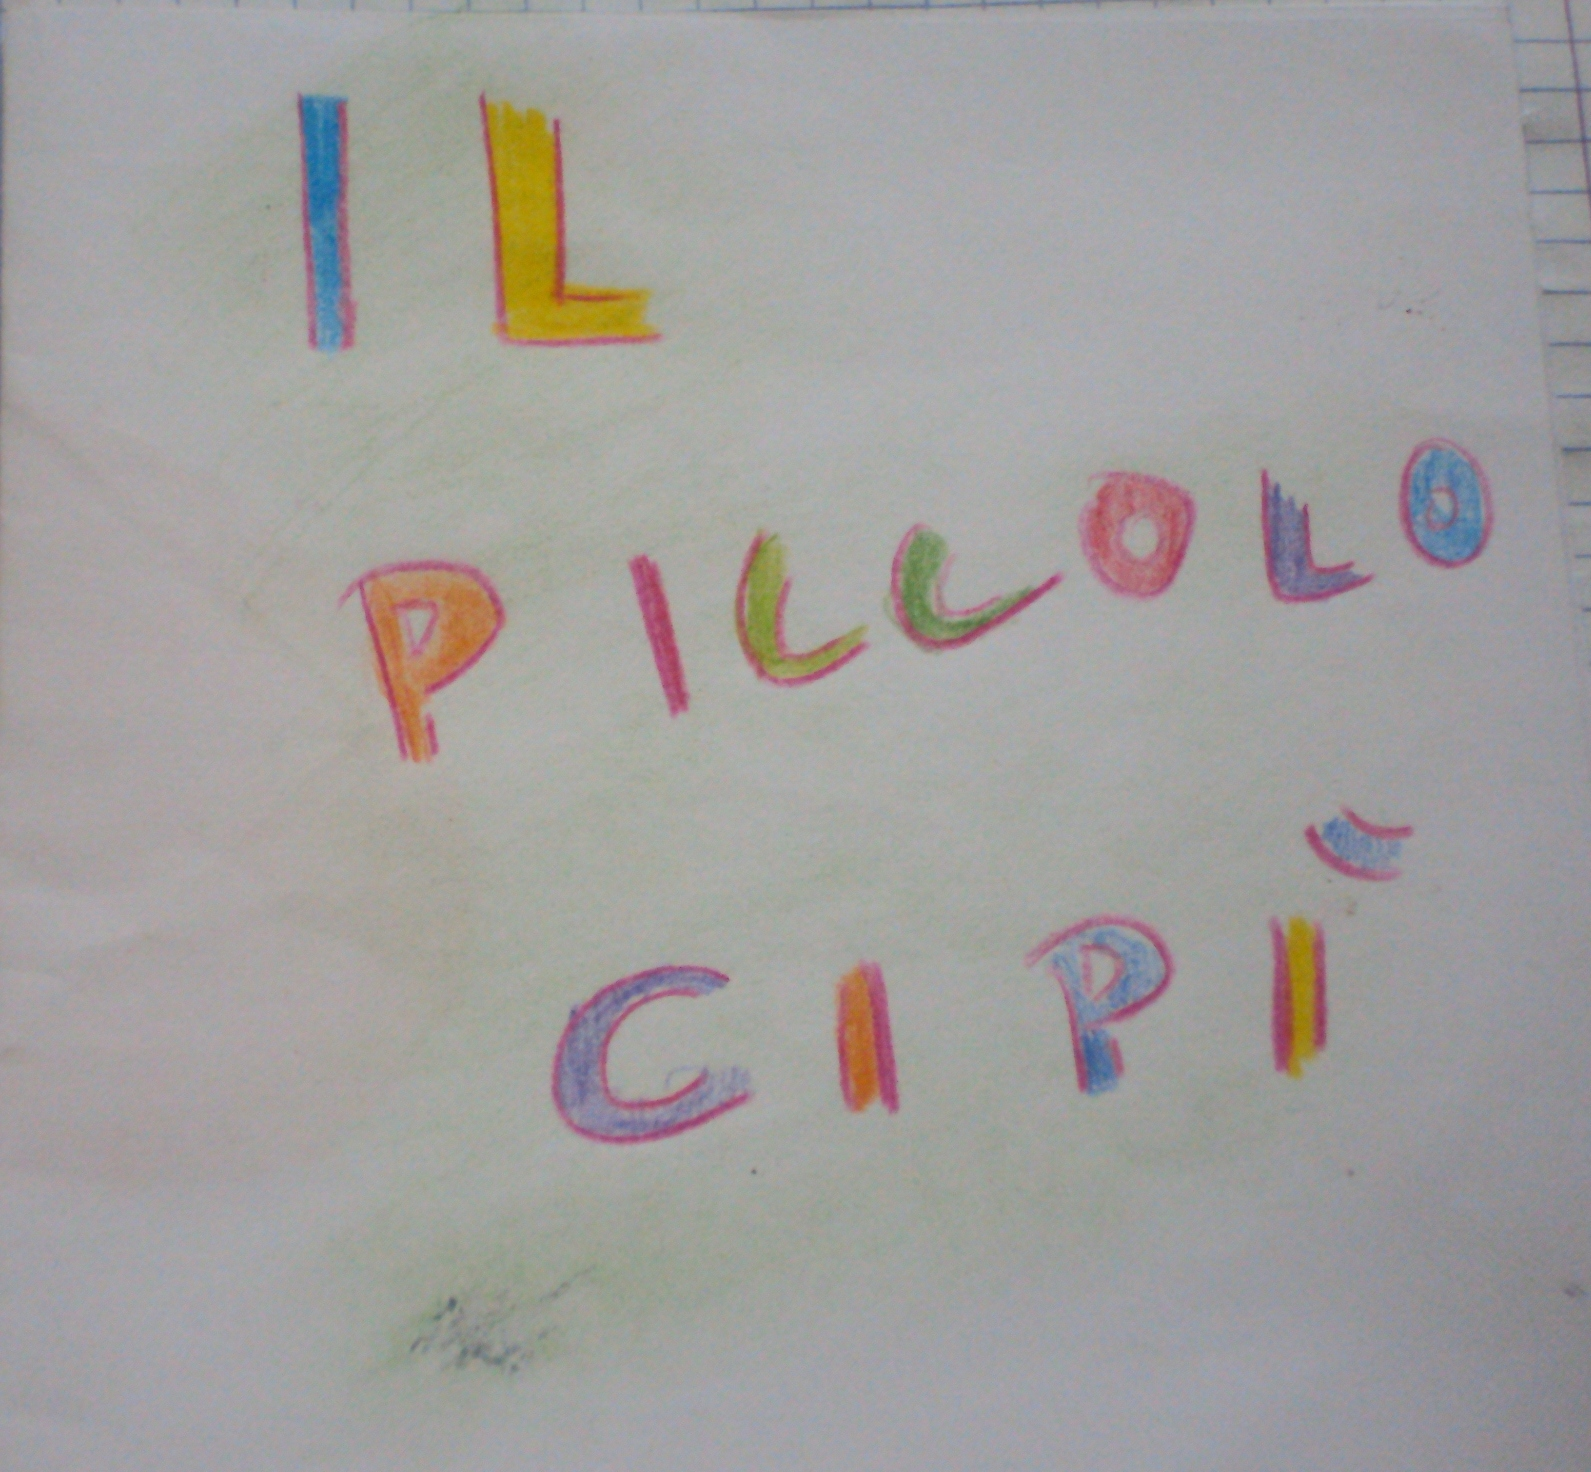 CIPI - 2